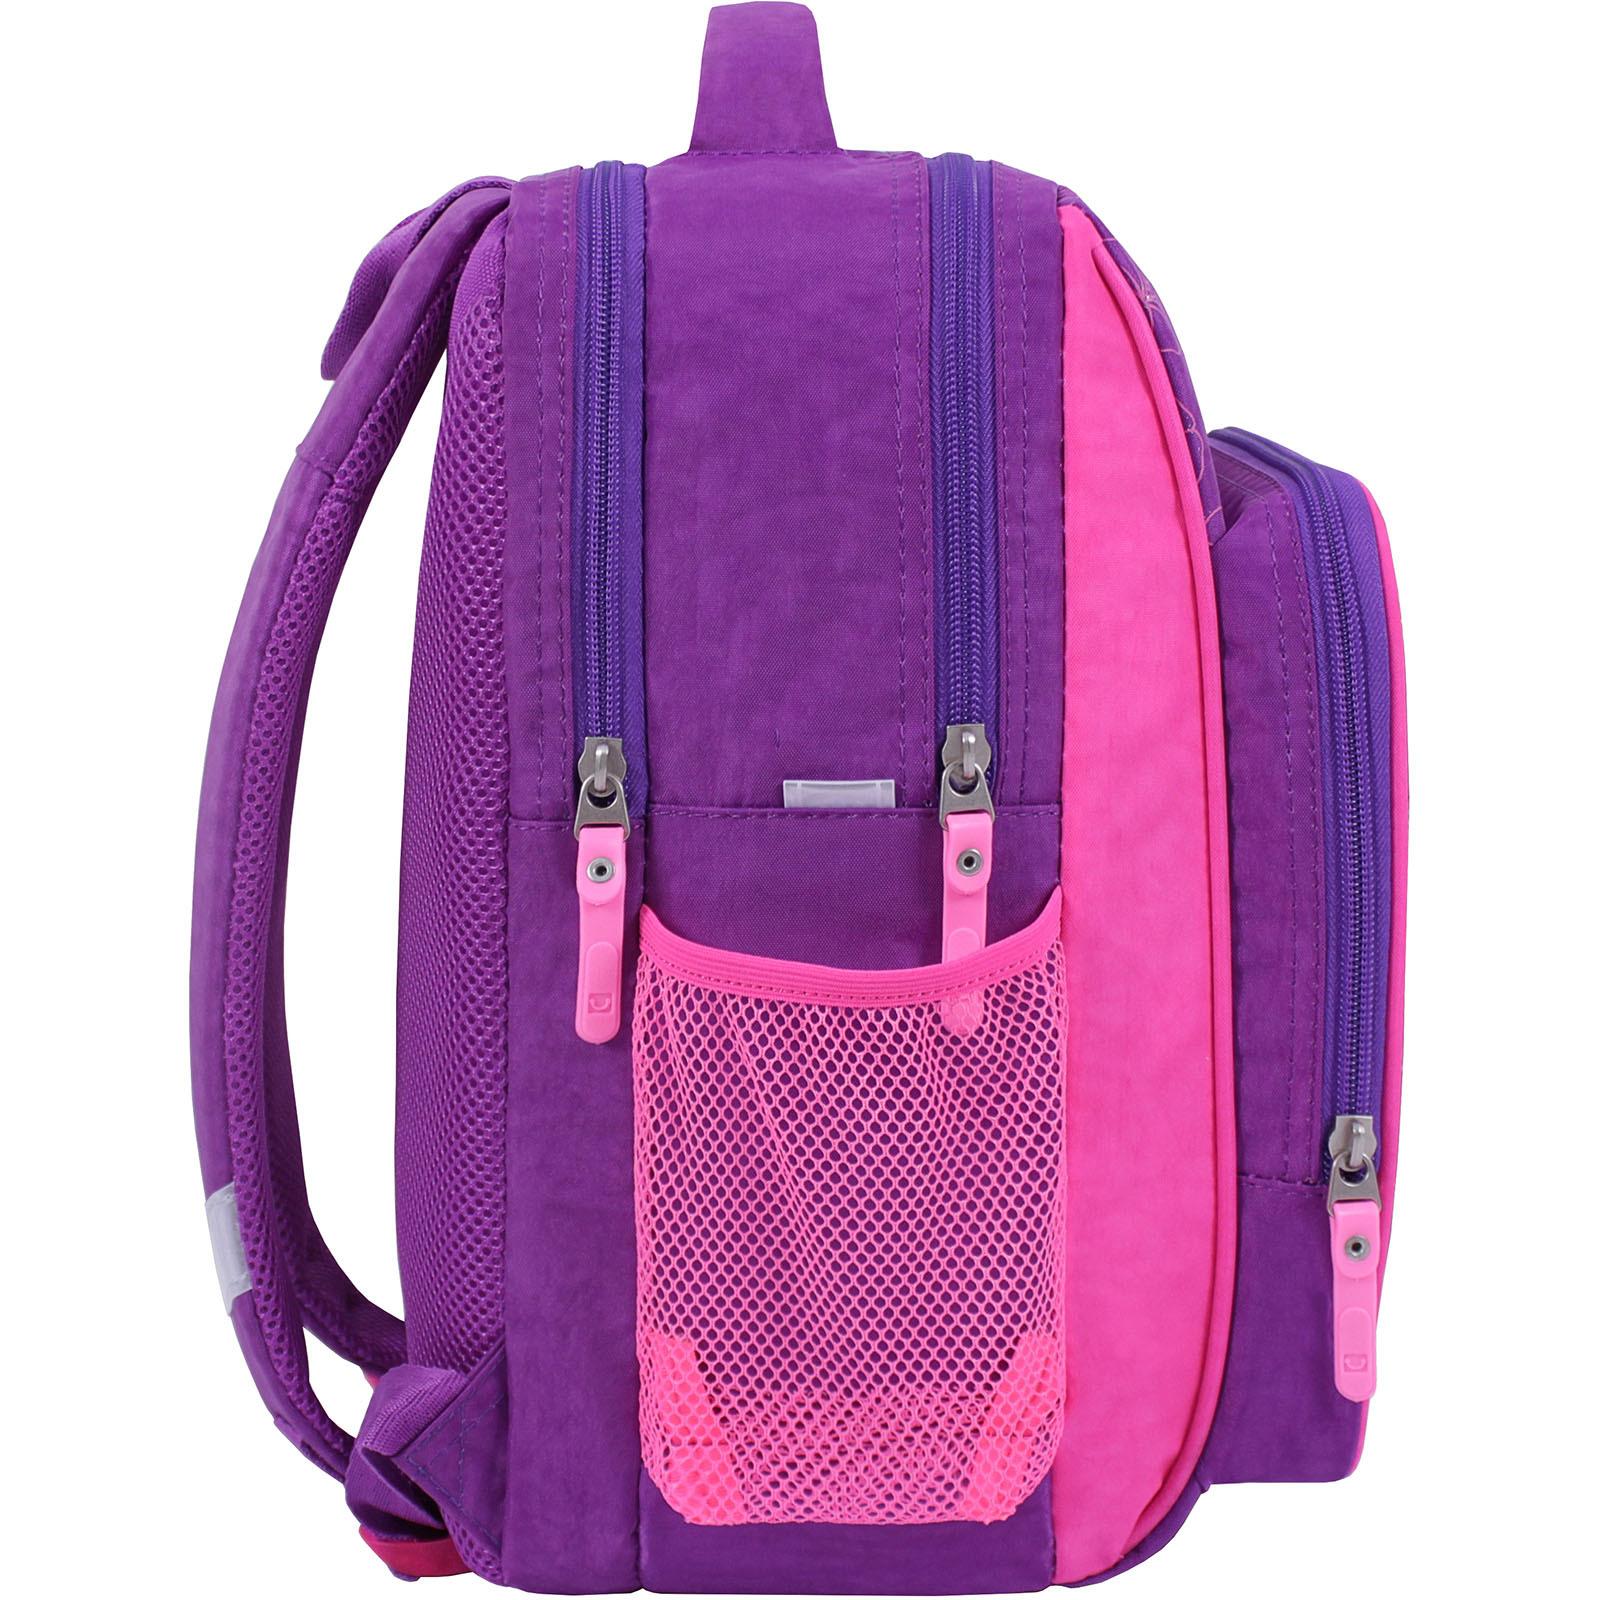 Рюкзак школьный Bagland Школьник 8 л. фиолетовый 502 (0012870) фото 2